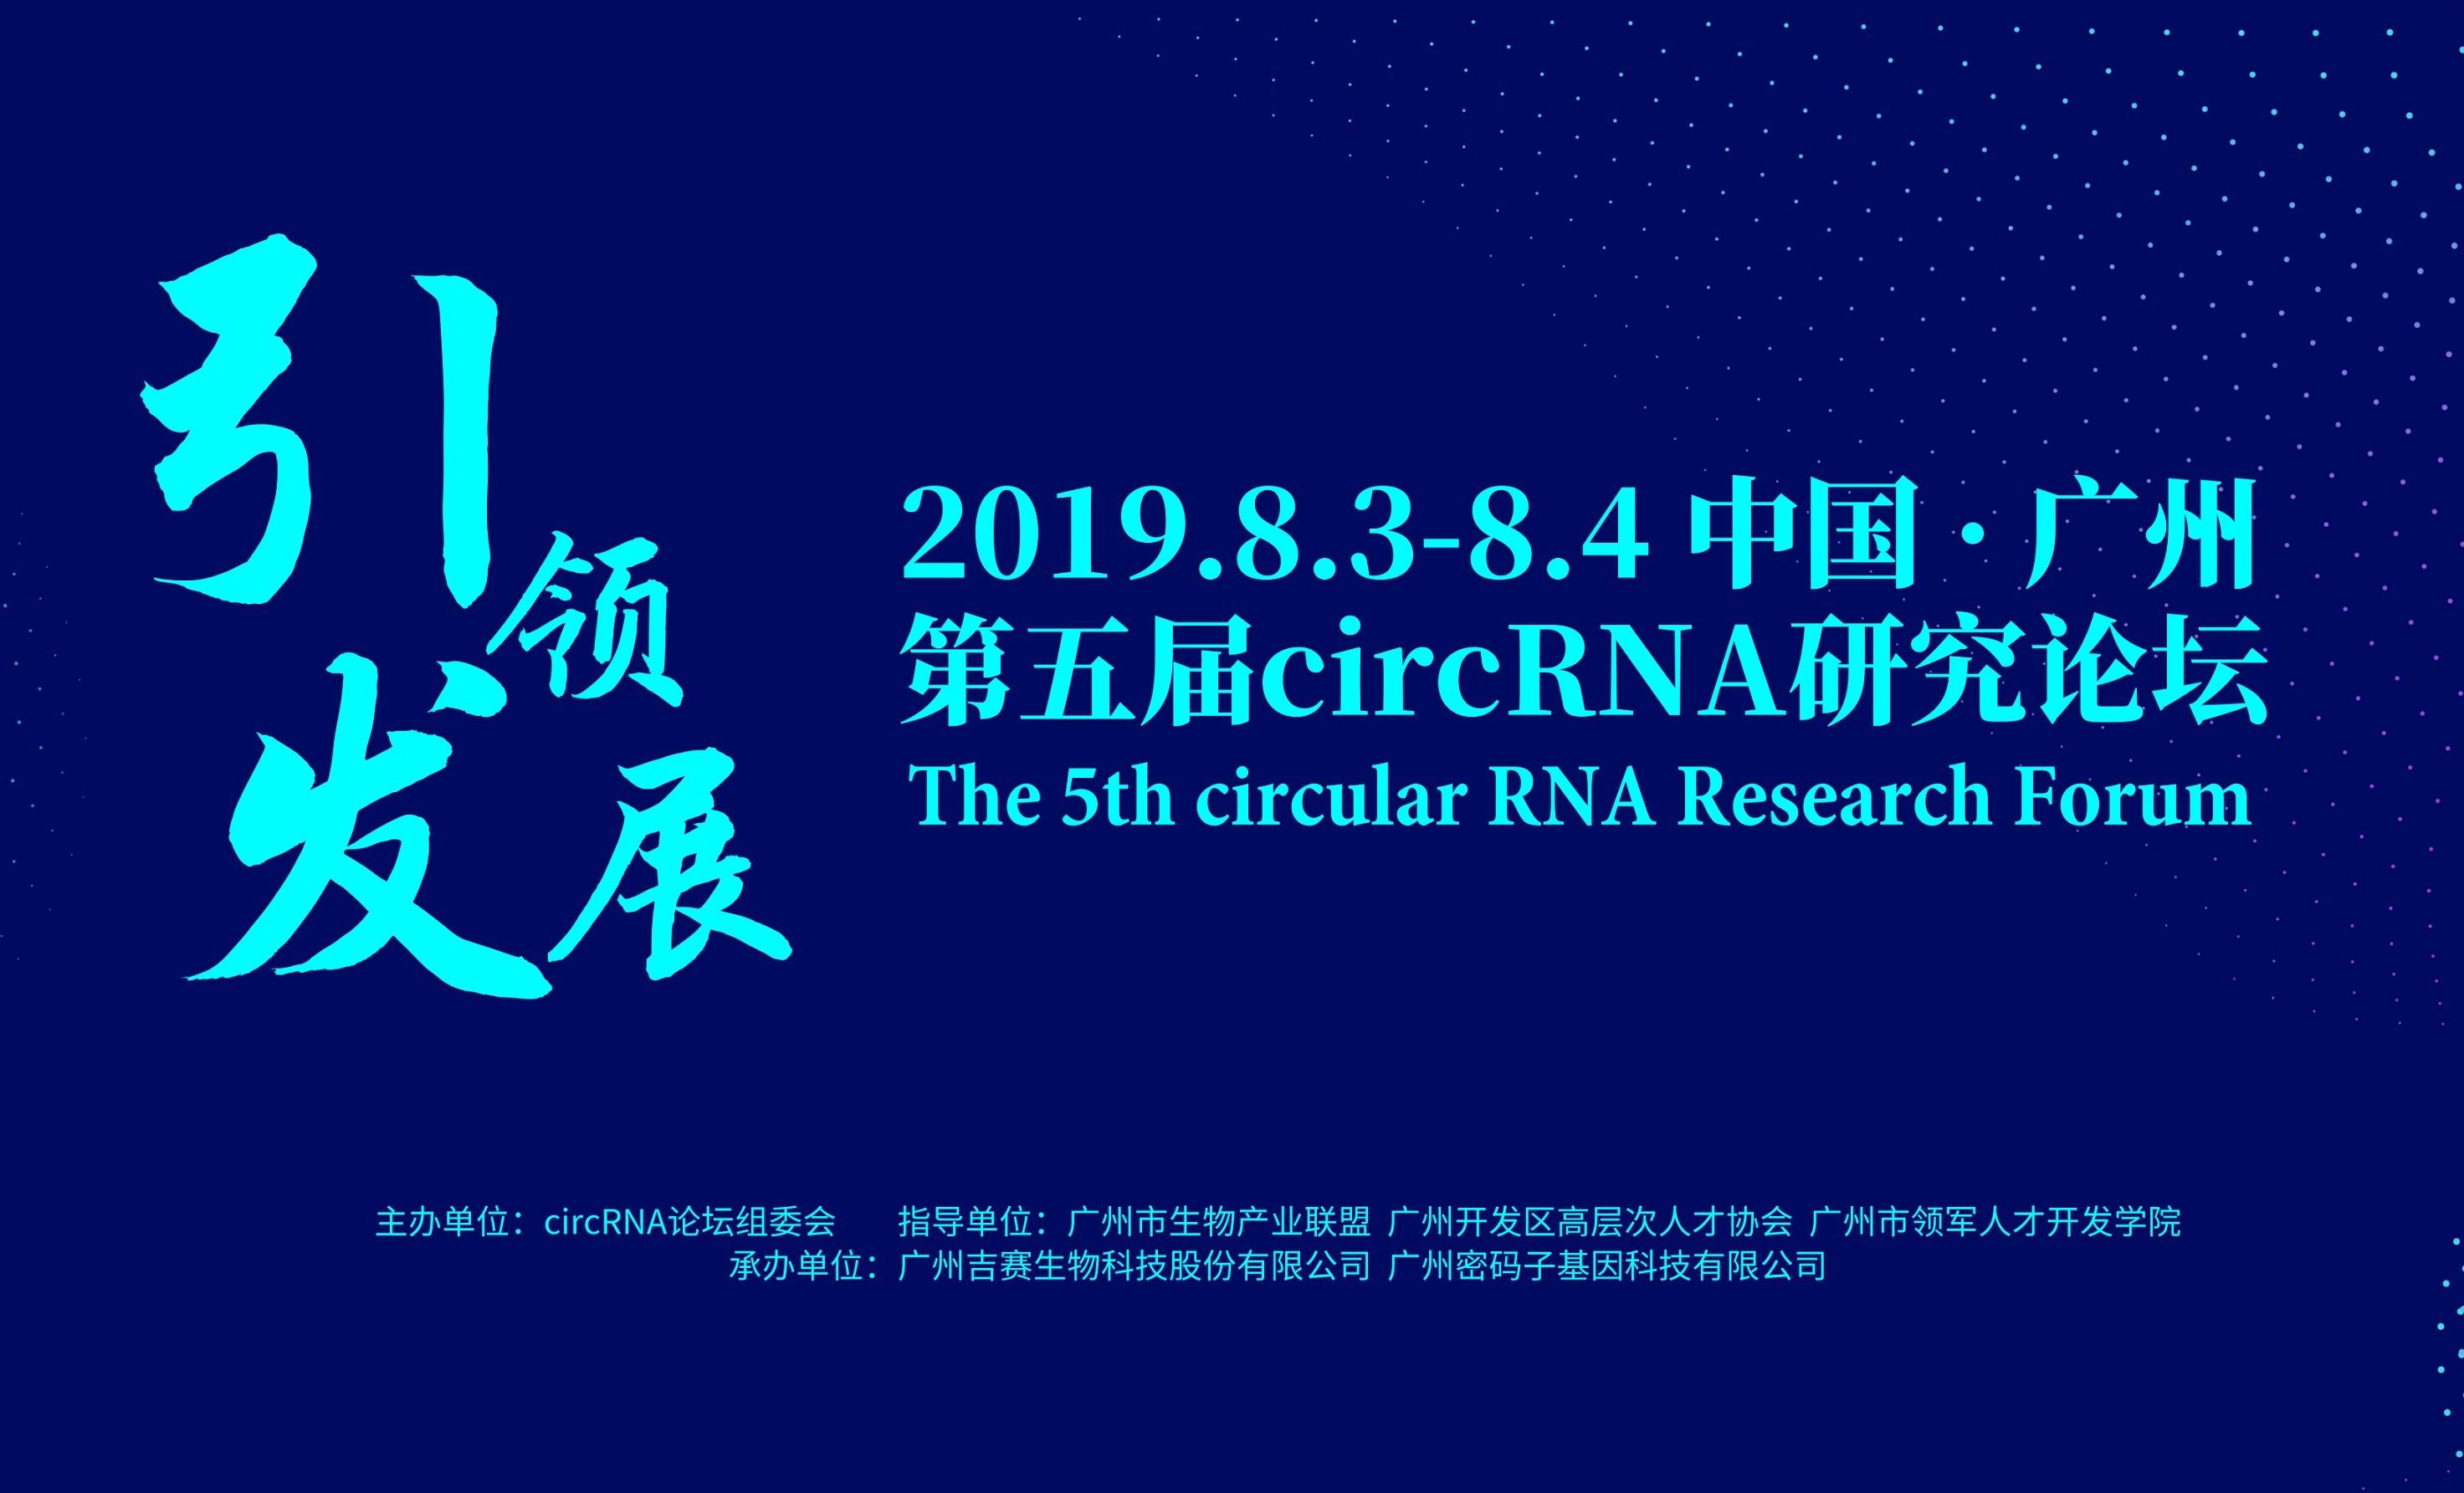 第五届circRNA研究论坛